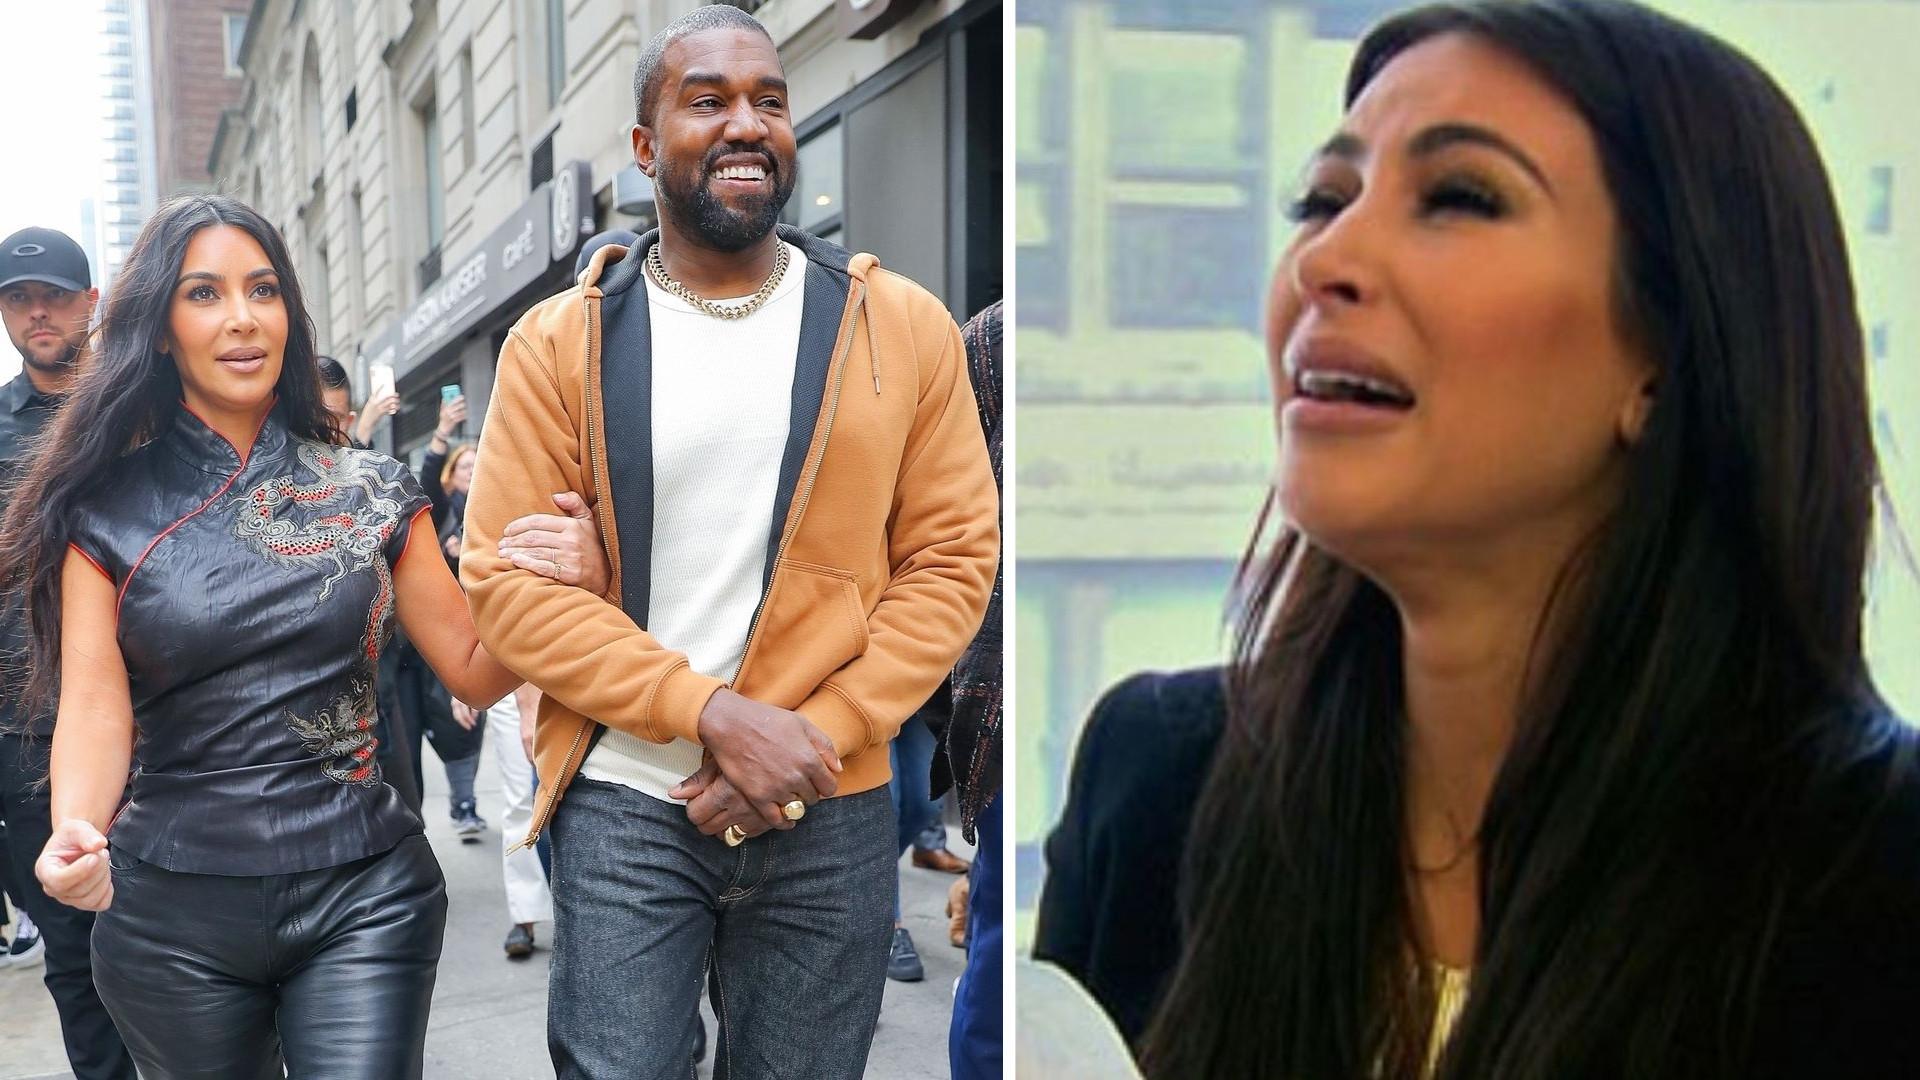 Cała we łzach Kim Kardashian przyłapana na KŁÓTNI z mężem. Gwiazda już nie ma siły